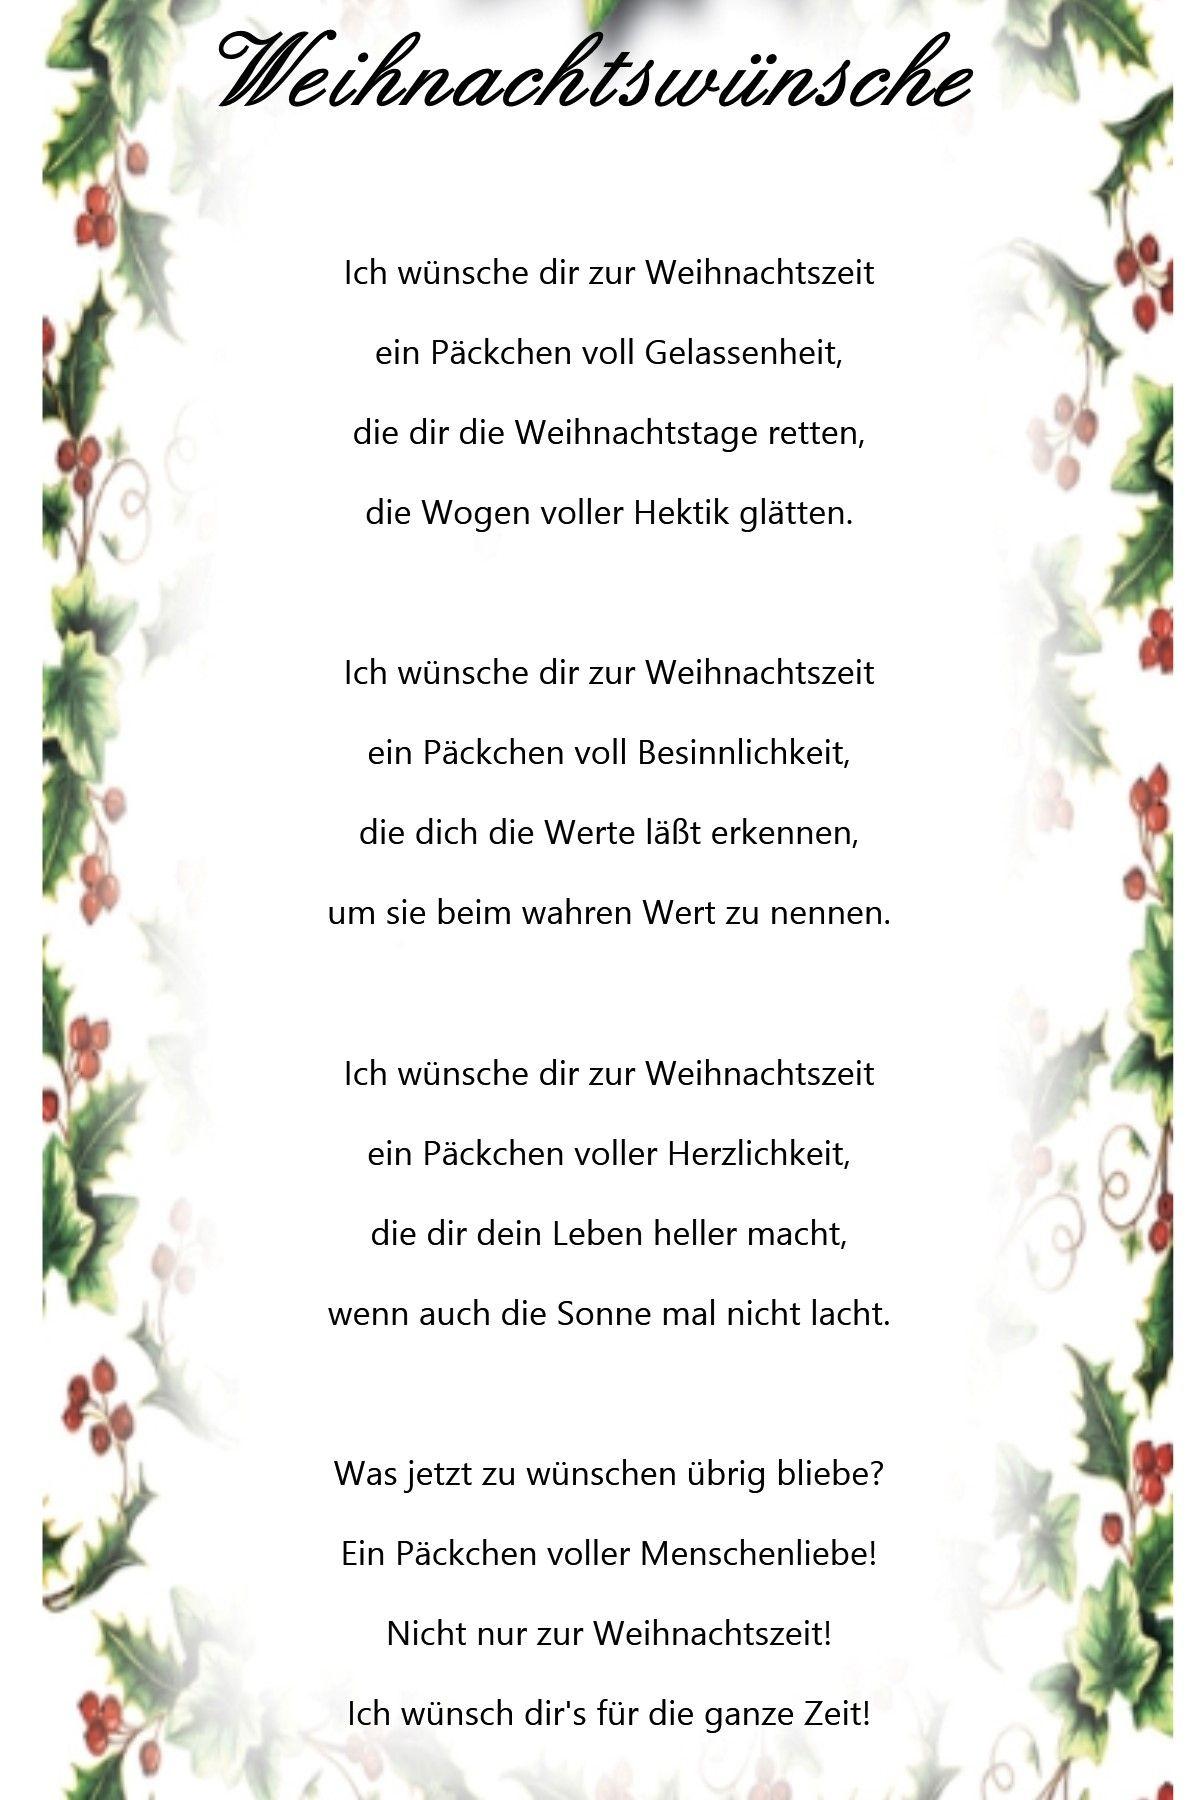 Weihnachtswuensche … | Weihnachtswünsche, Weihnachtssprüche ganzes Gedichte Zum Weihnachtsfest Kostenlos